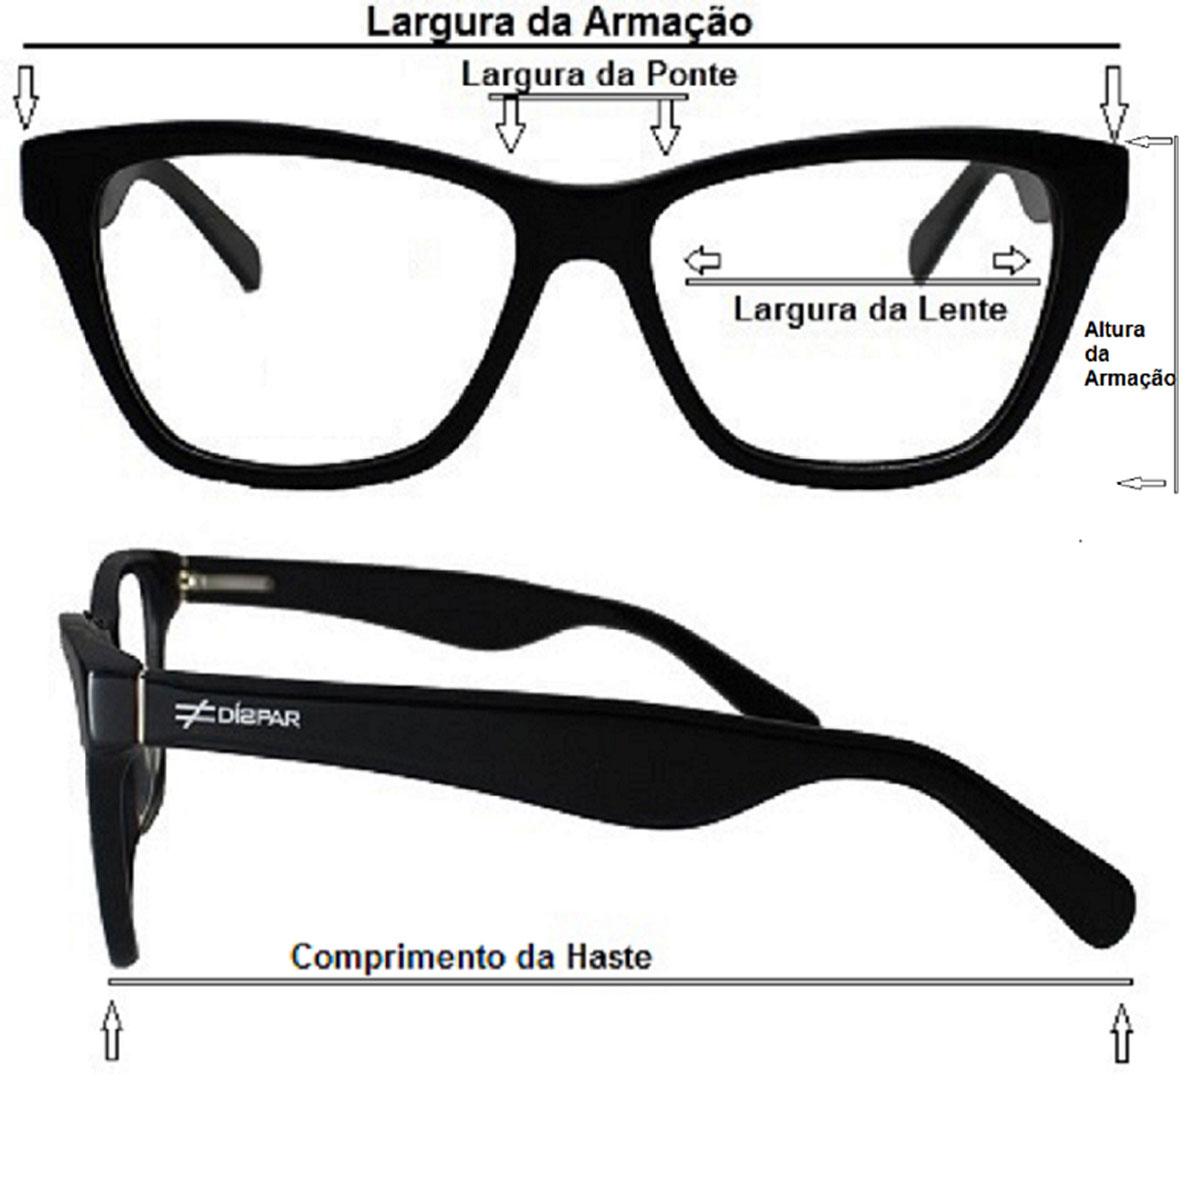 Armação para Óculos Díspar D2316 Gatinho - Preto